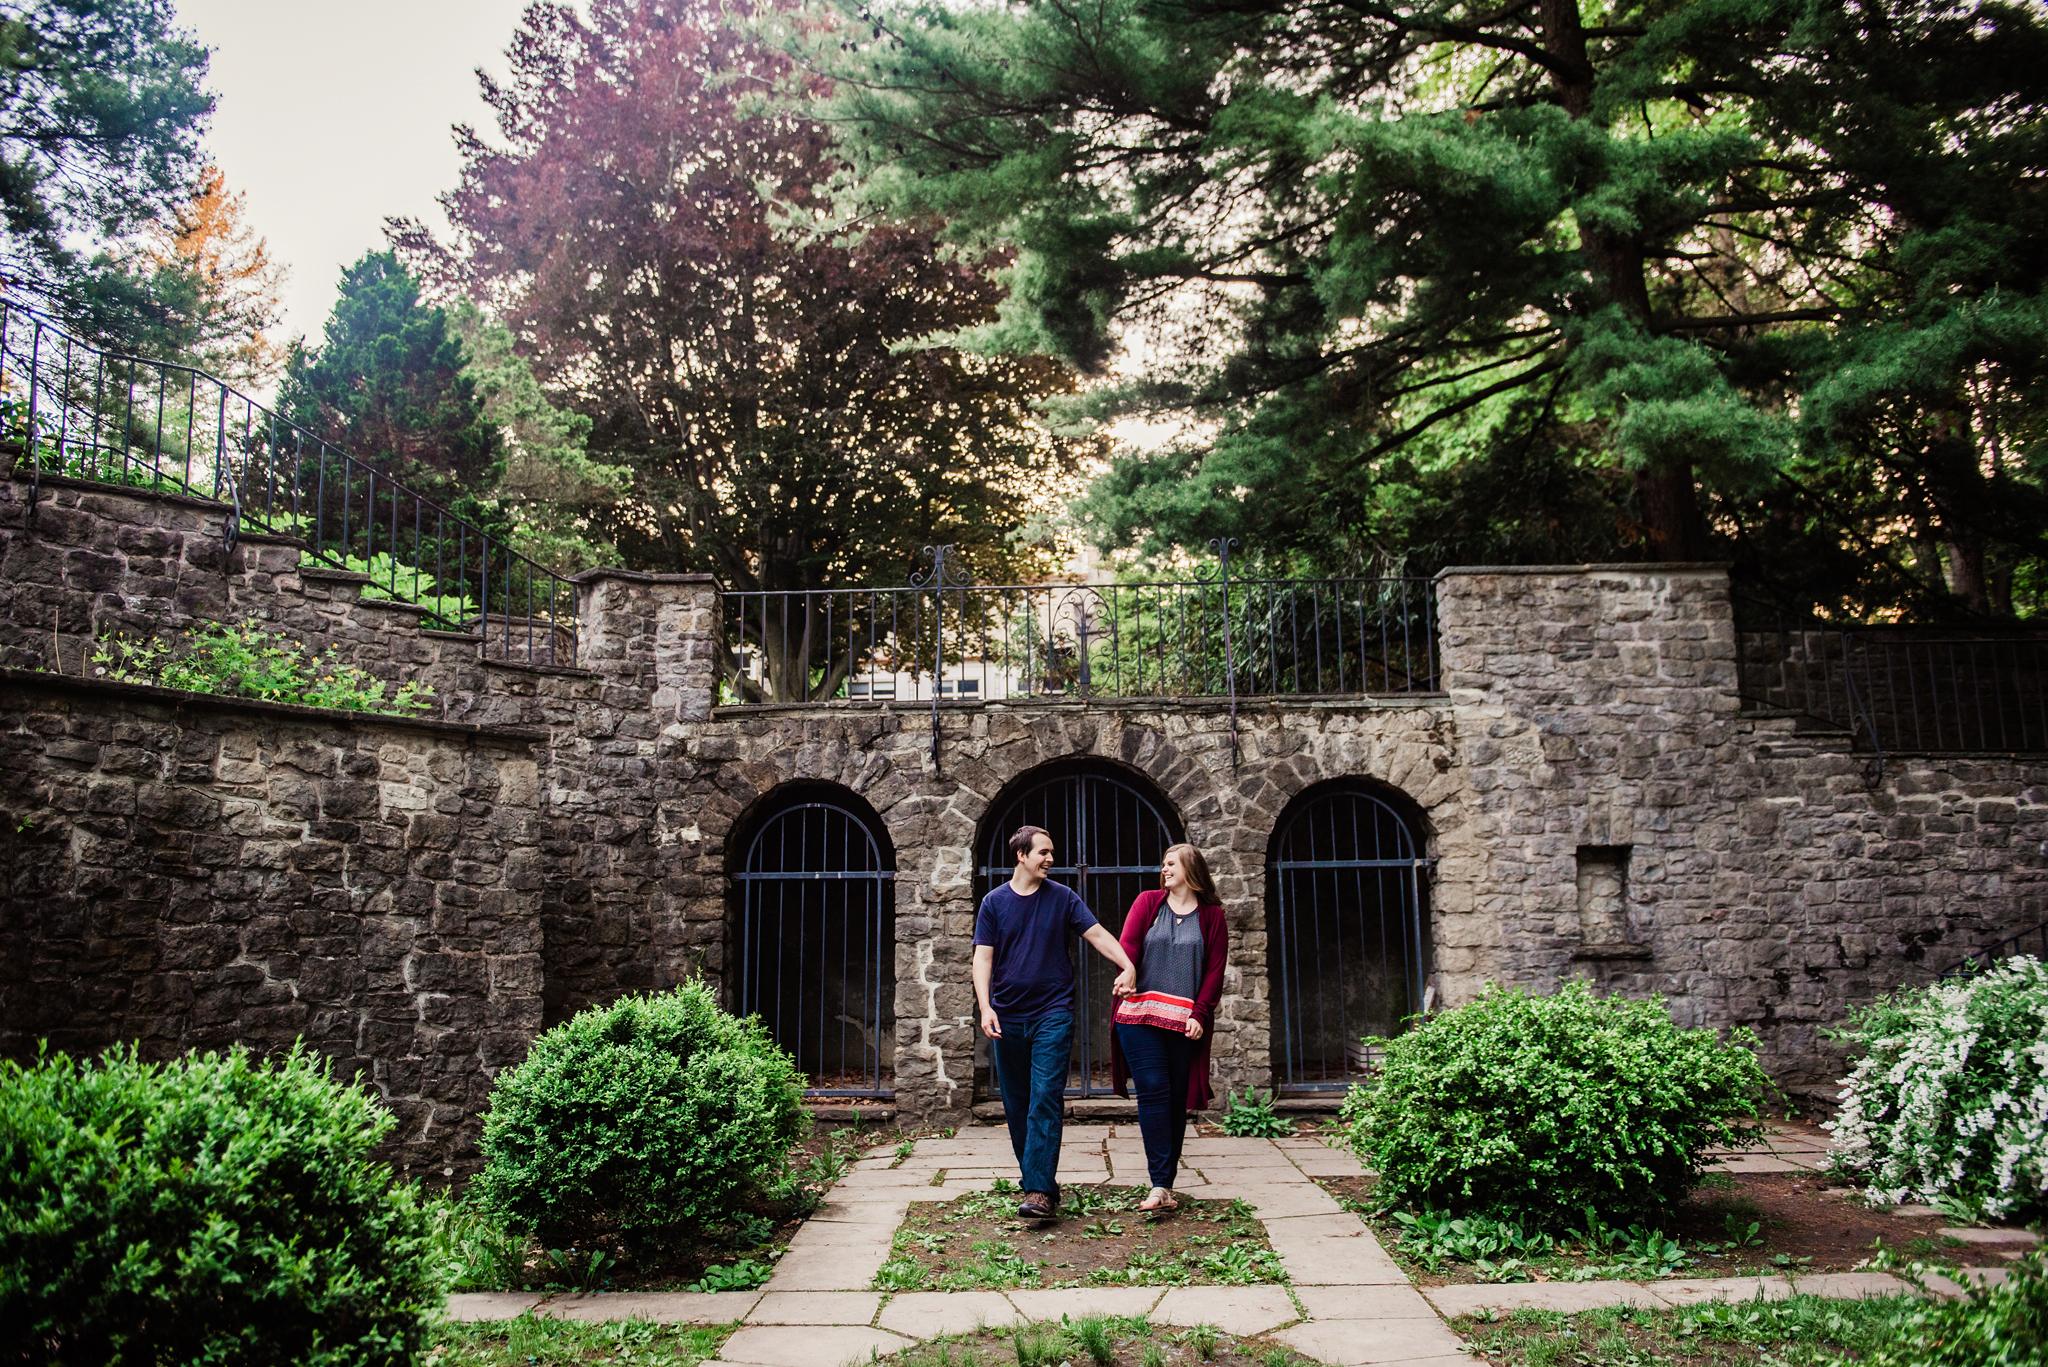 Warner_Castle_Sunken_Gardens_Rochester_Engagement_Session_JILL_STUDIO_Rochester_NY_Photographer_DSC_1635.jpg